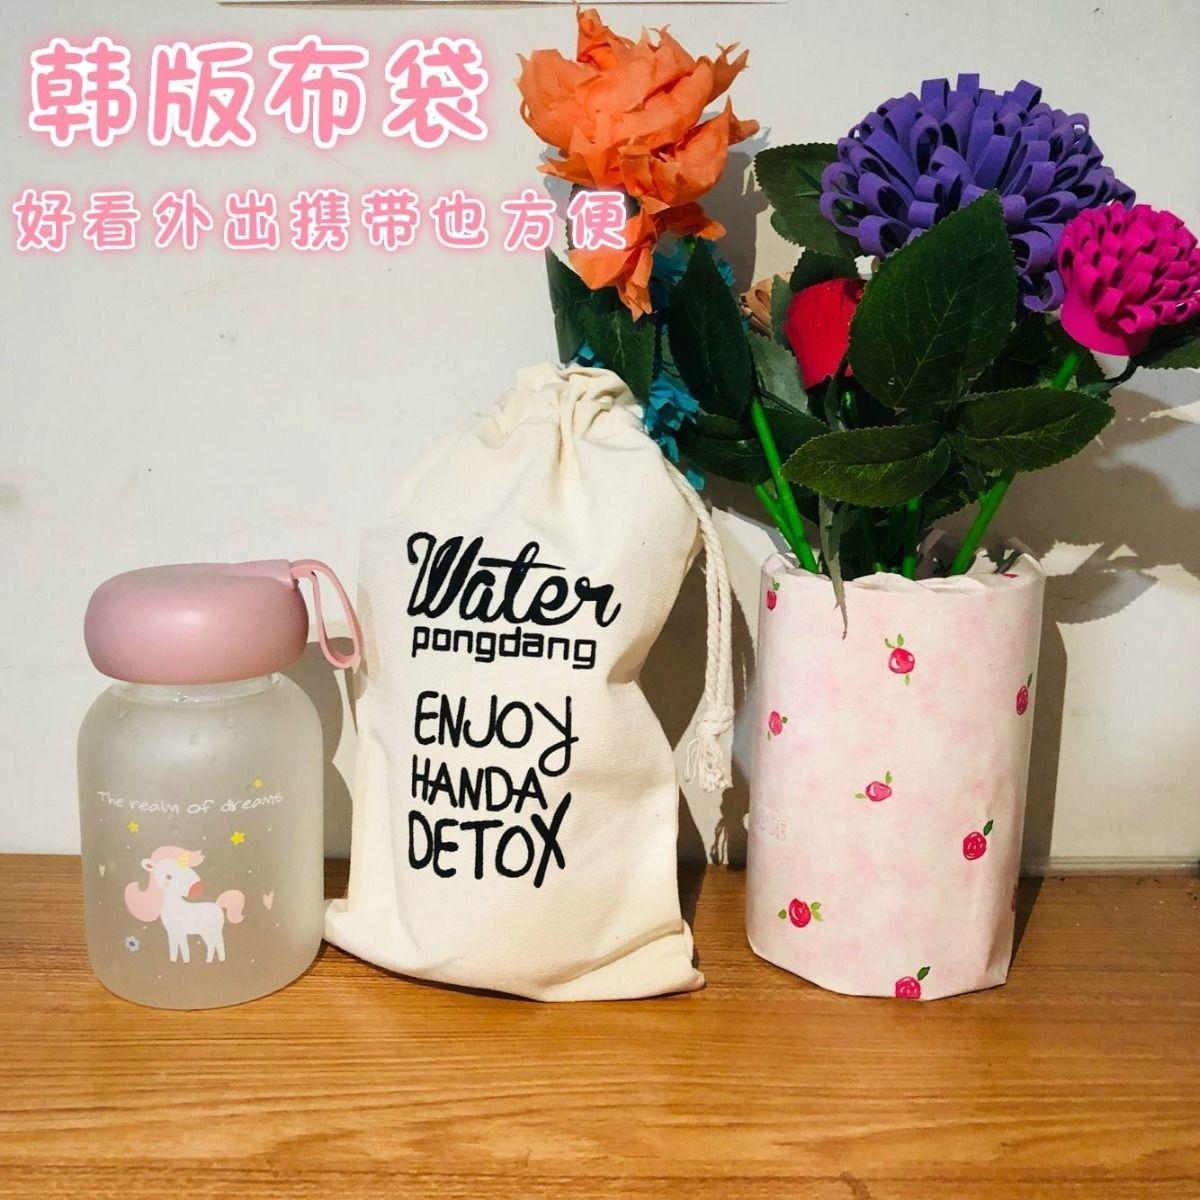 磨砂玻璃杯可爱水杯男女学生韩版便携儿童杯子清新茶杯创意随手杯